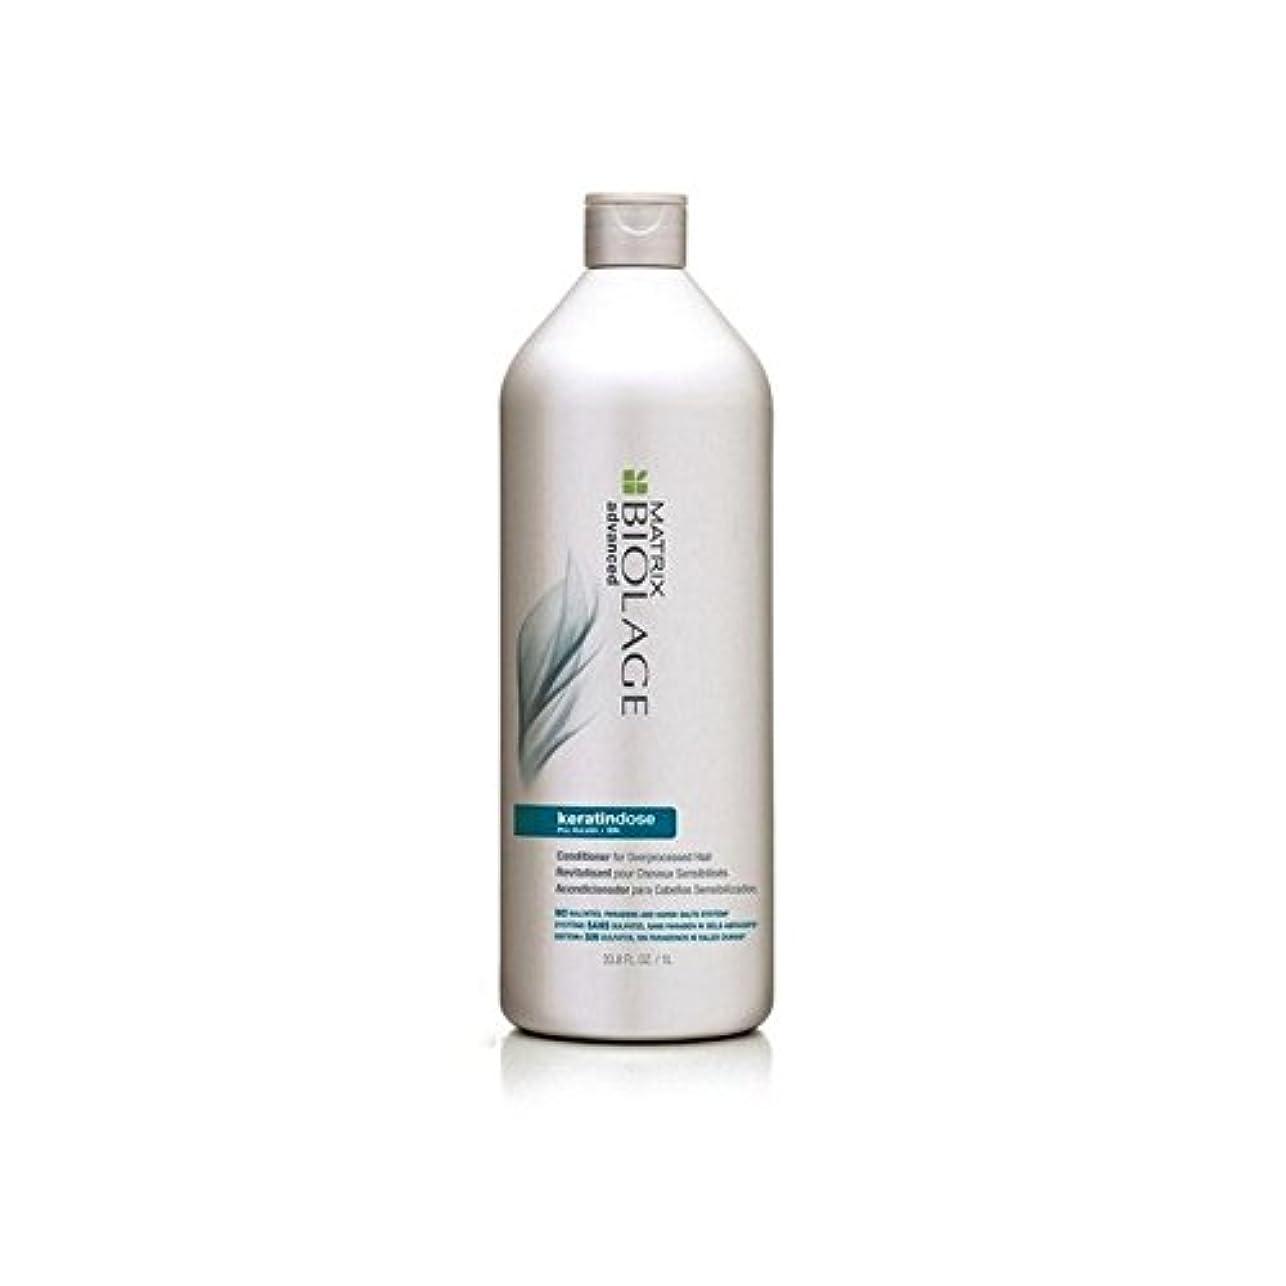 マトリックスバイオレイジコンディショナー(千ミリリットル) x2 - Matrix Biolage Keratindose Conditioner (1000ml) (Pack of 2) [並行輸入品]